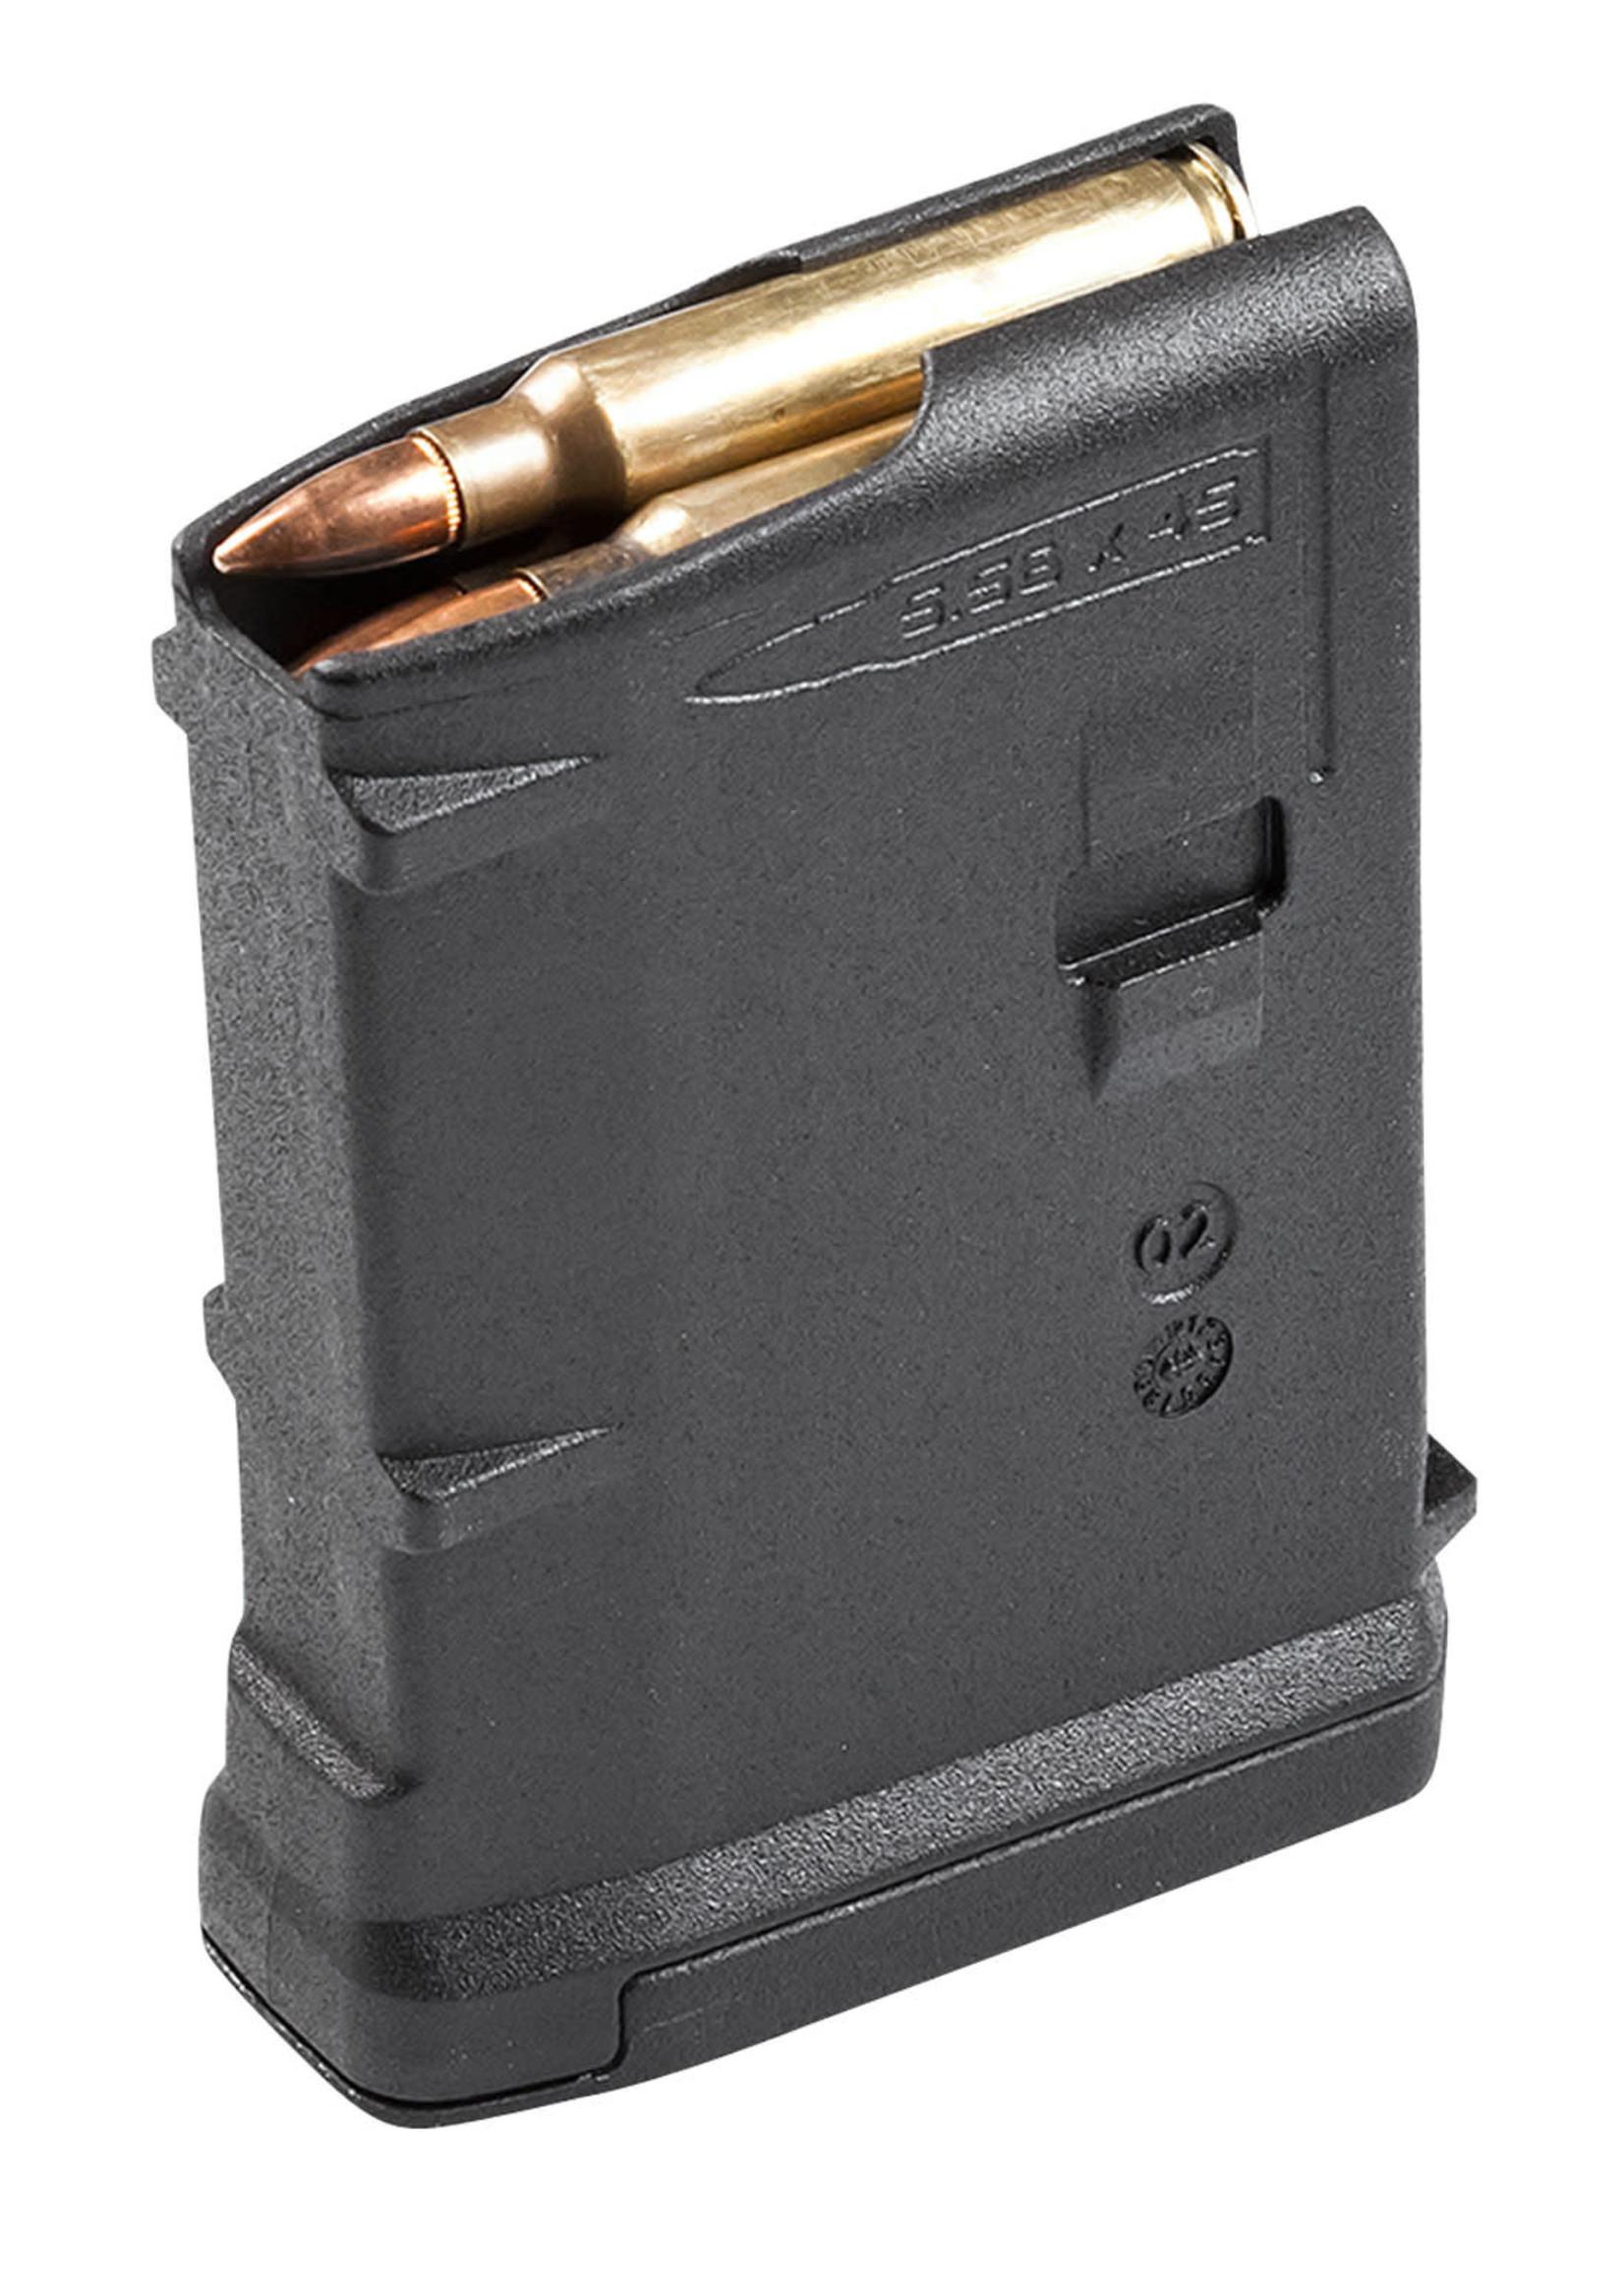 Magpul Magpul PMAG GEN M3 223 Rem,5.56x45mm NATO AR-15, 10rd Black Detachable